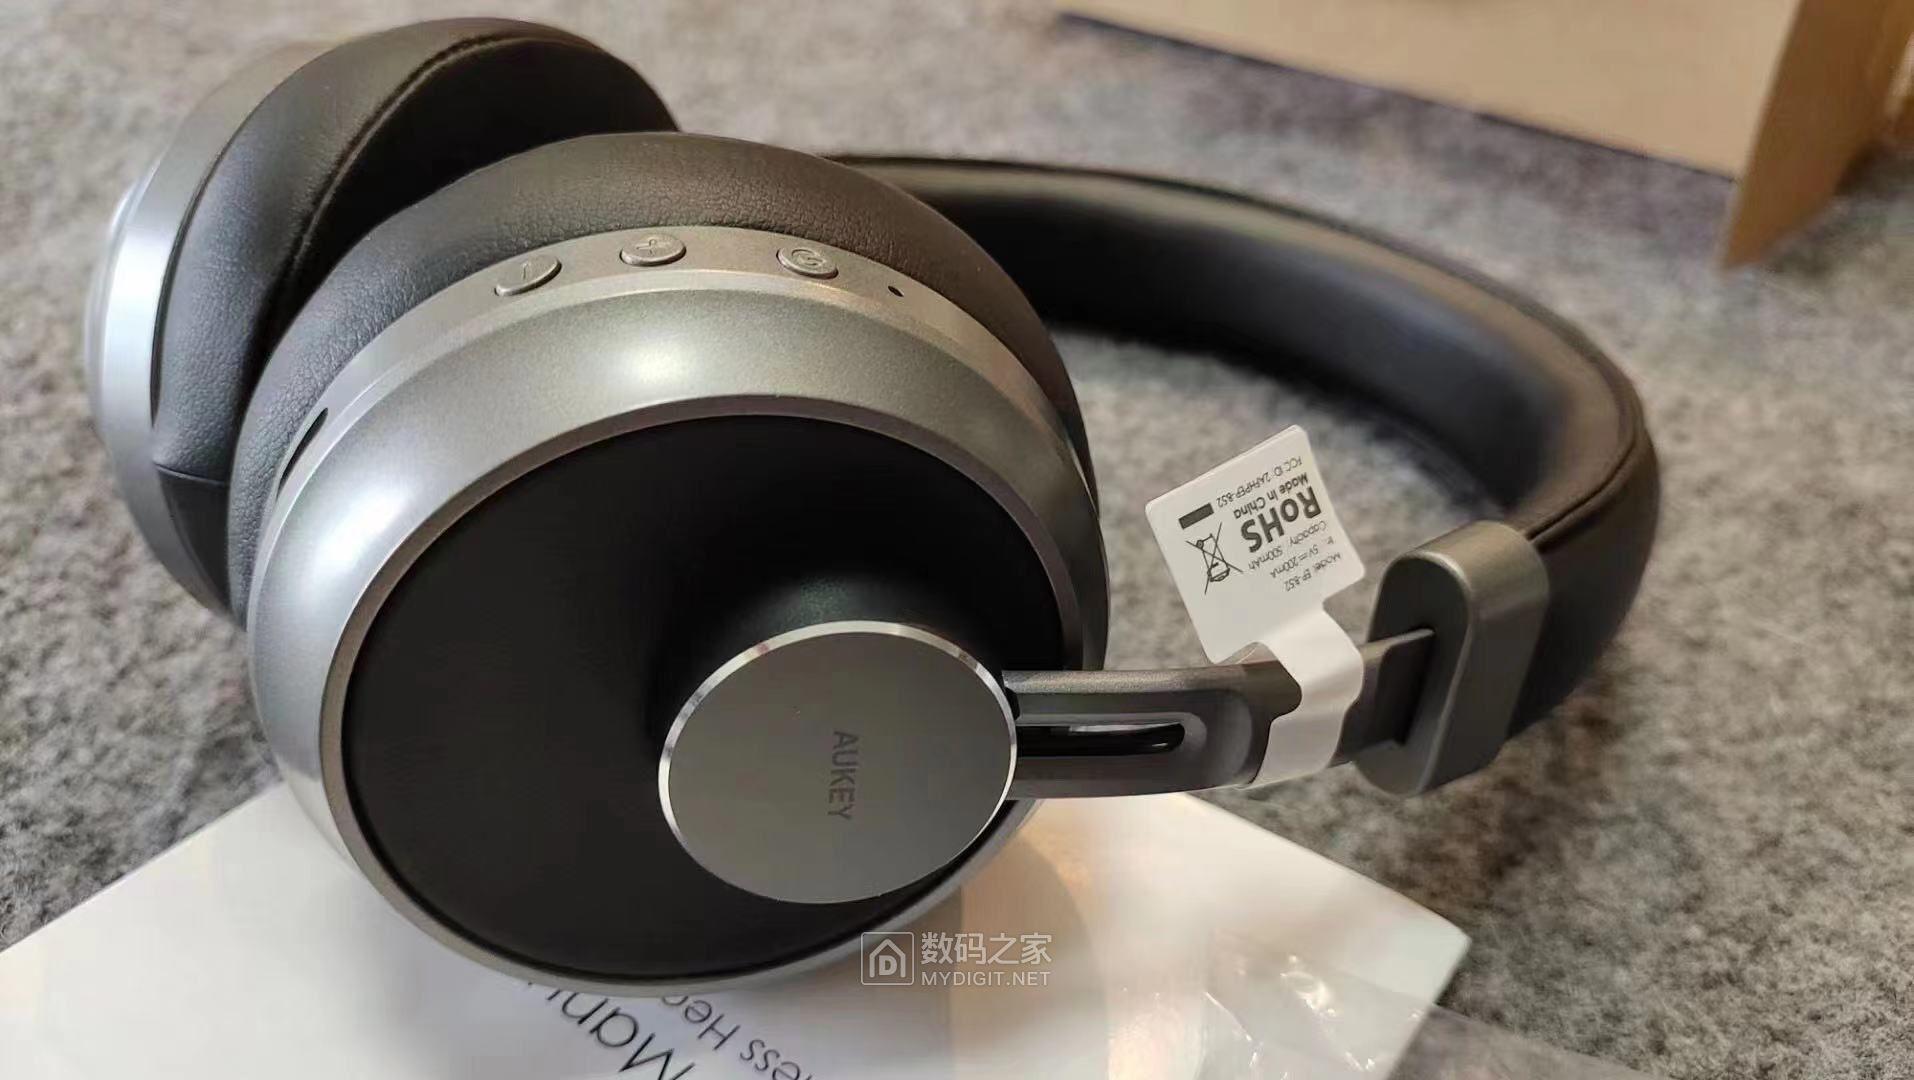 清亚马逊库存!全新包装傲基B52头戴蓝牙5.0耳机 原价430 坛友价格120元包邮